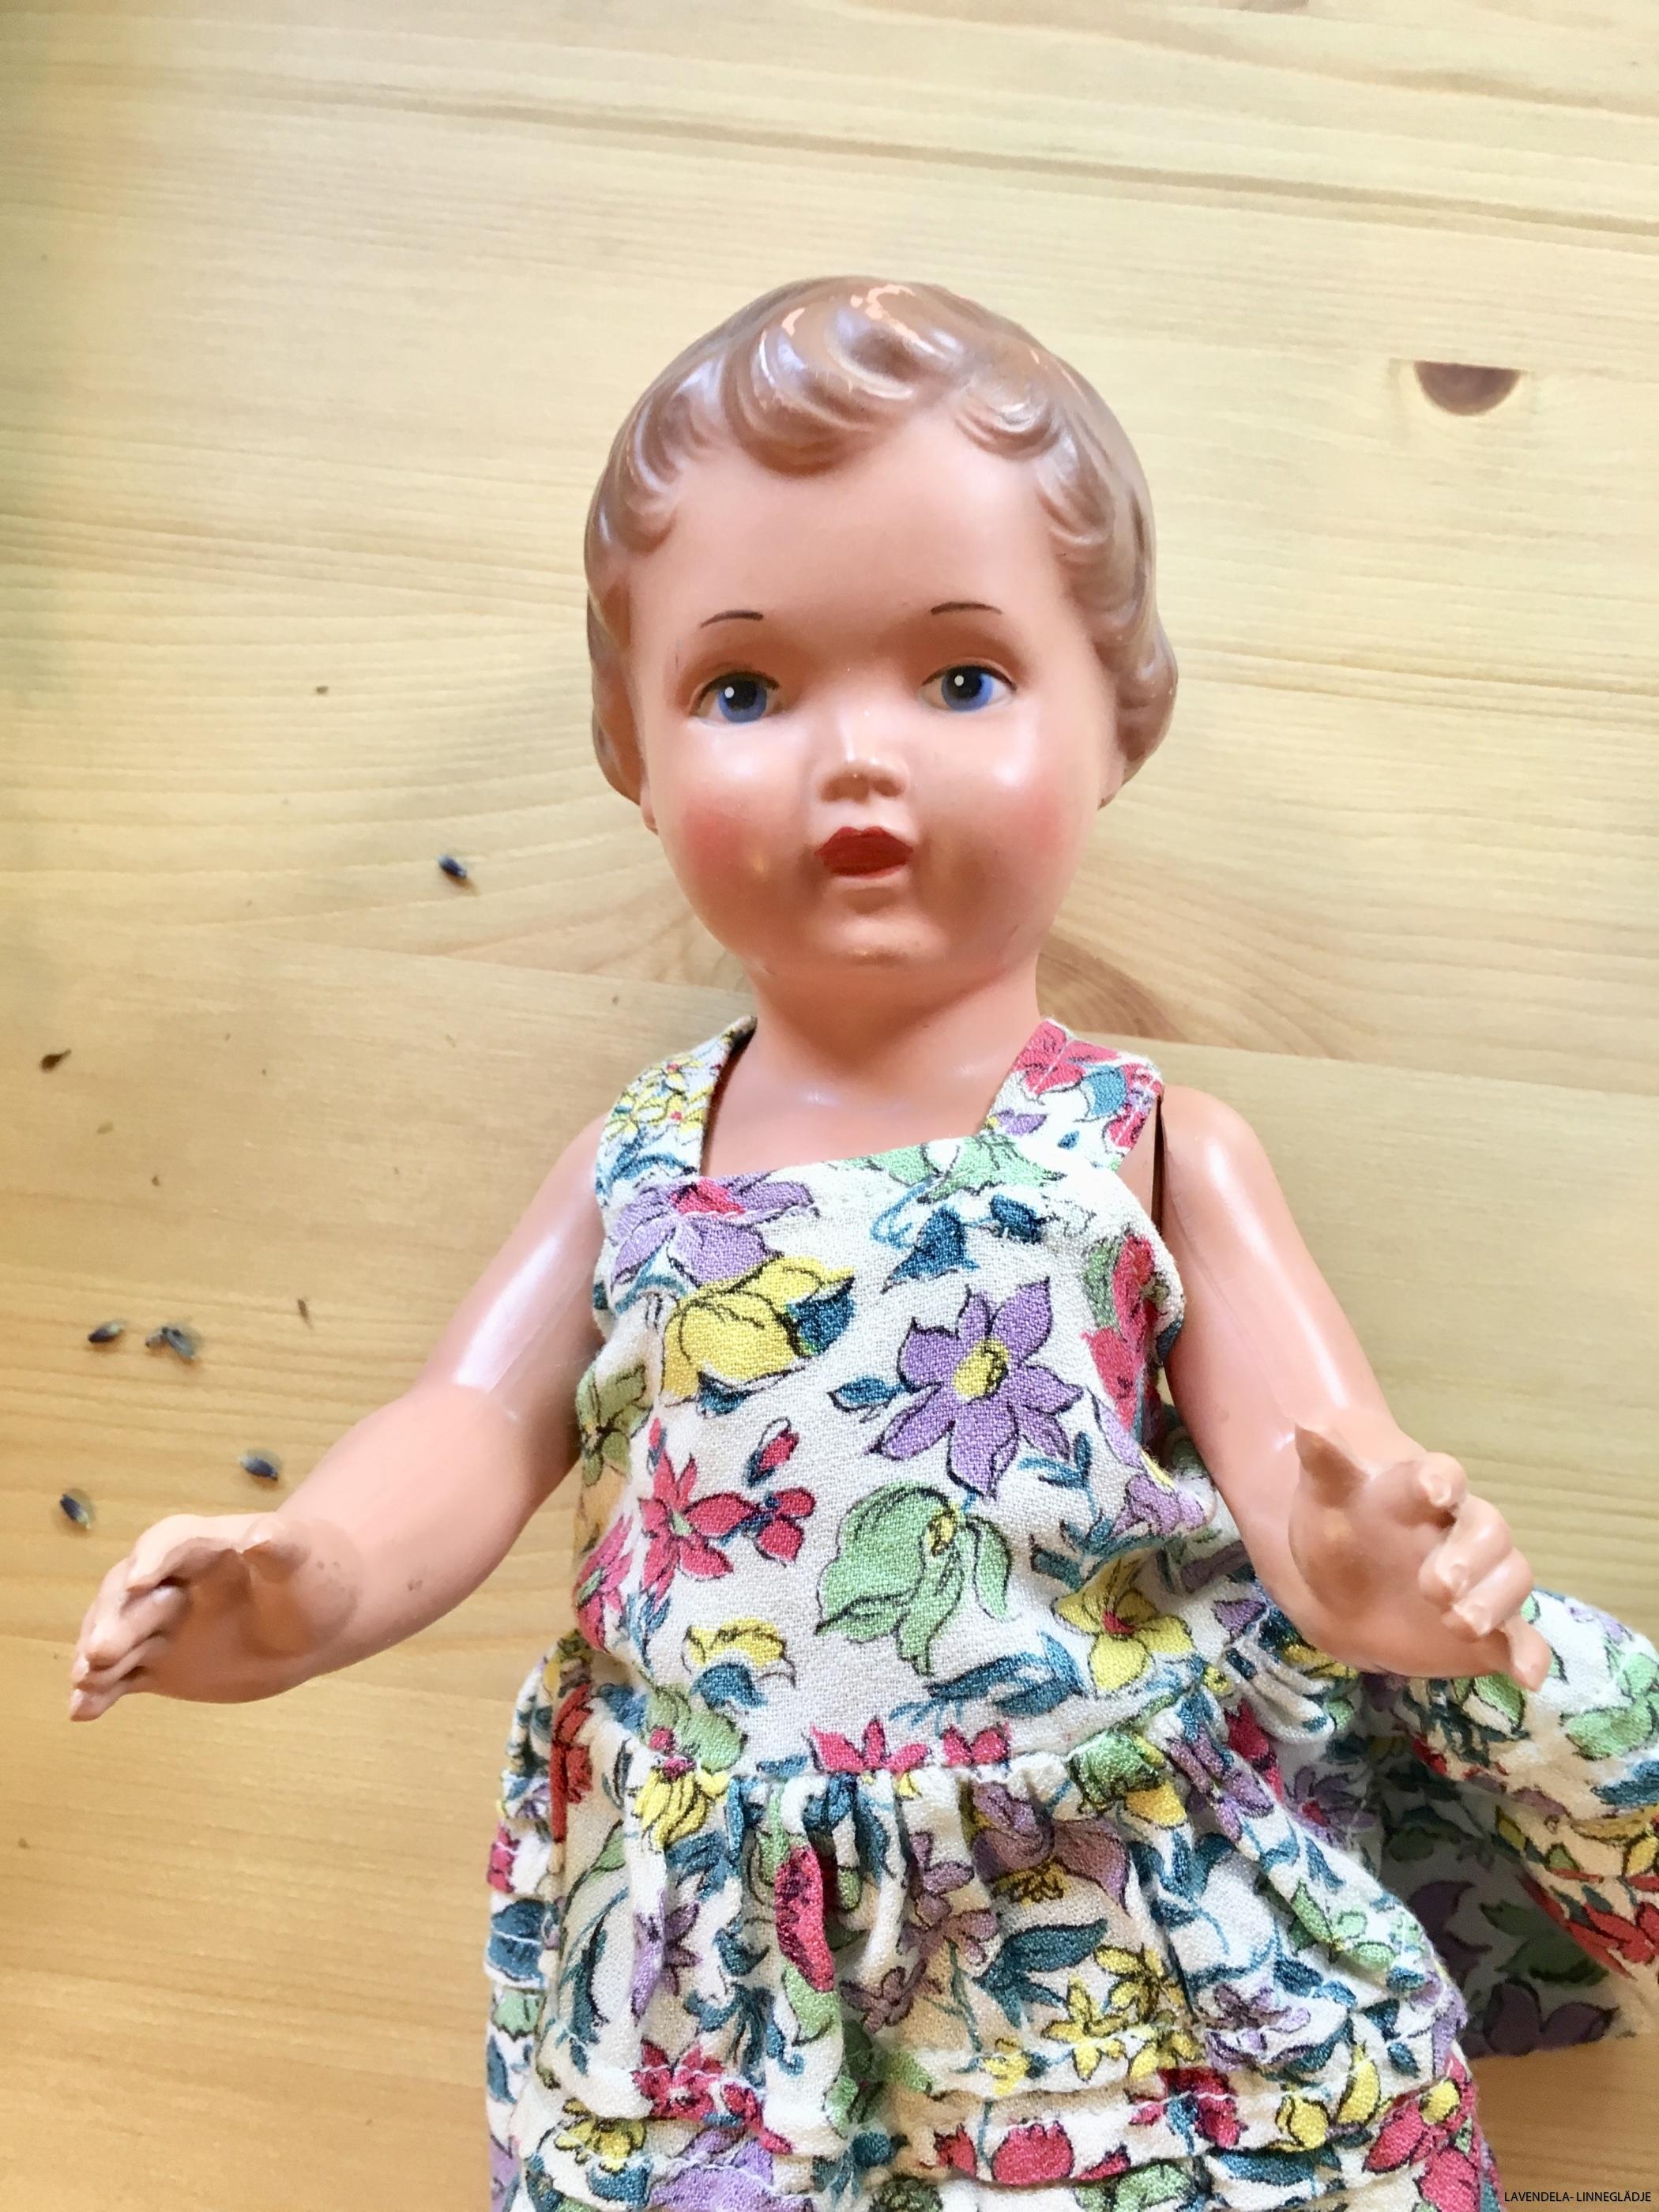 Klädd i en fin liten klänning